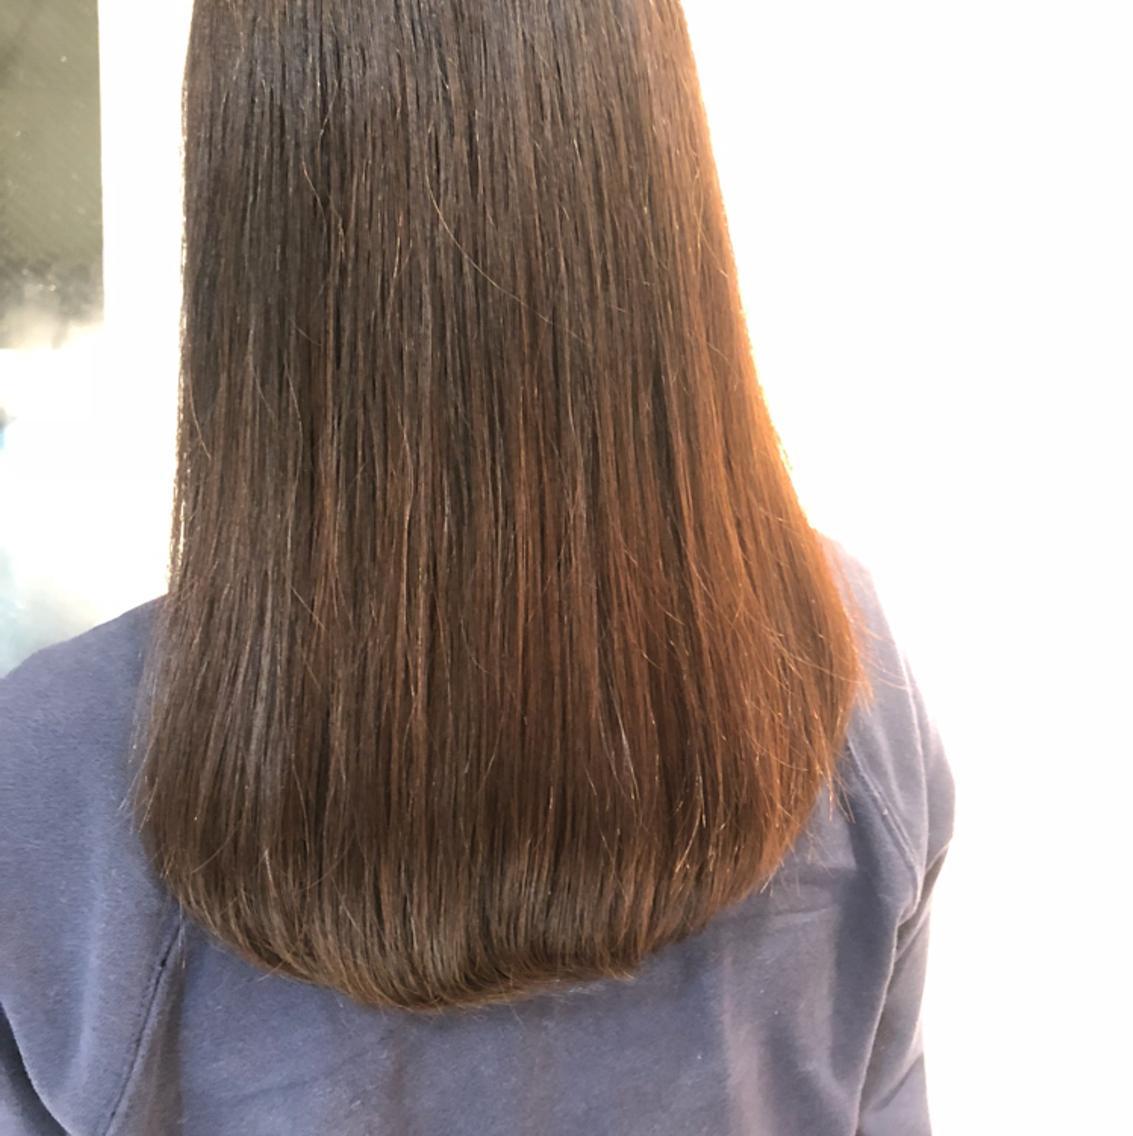 急募!!!19日の土曜夜21時からスタイリング(コテ巻き)モデルを募集します!髪の長さ鎖骨以上の方(写真程度)が対象です!サービスで20時からカラーとトリートメントをサービスさせていただきます!